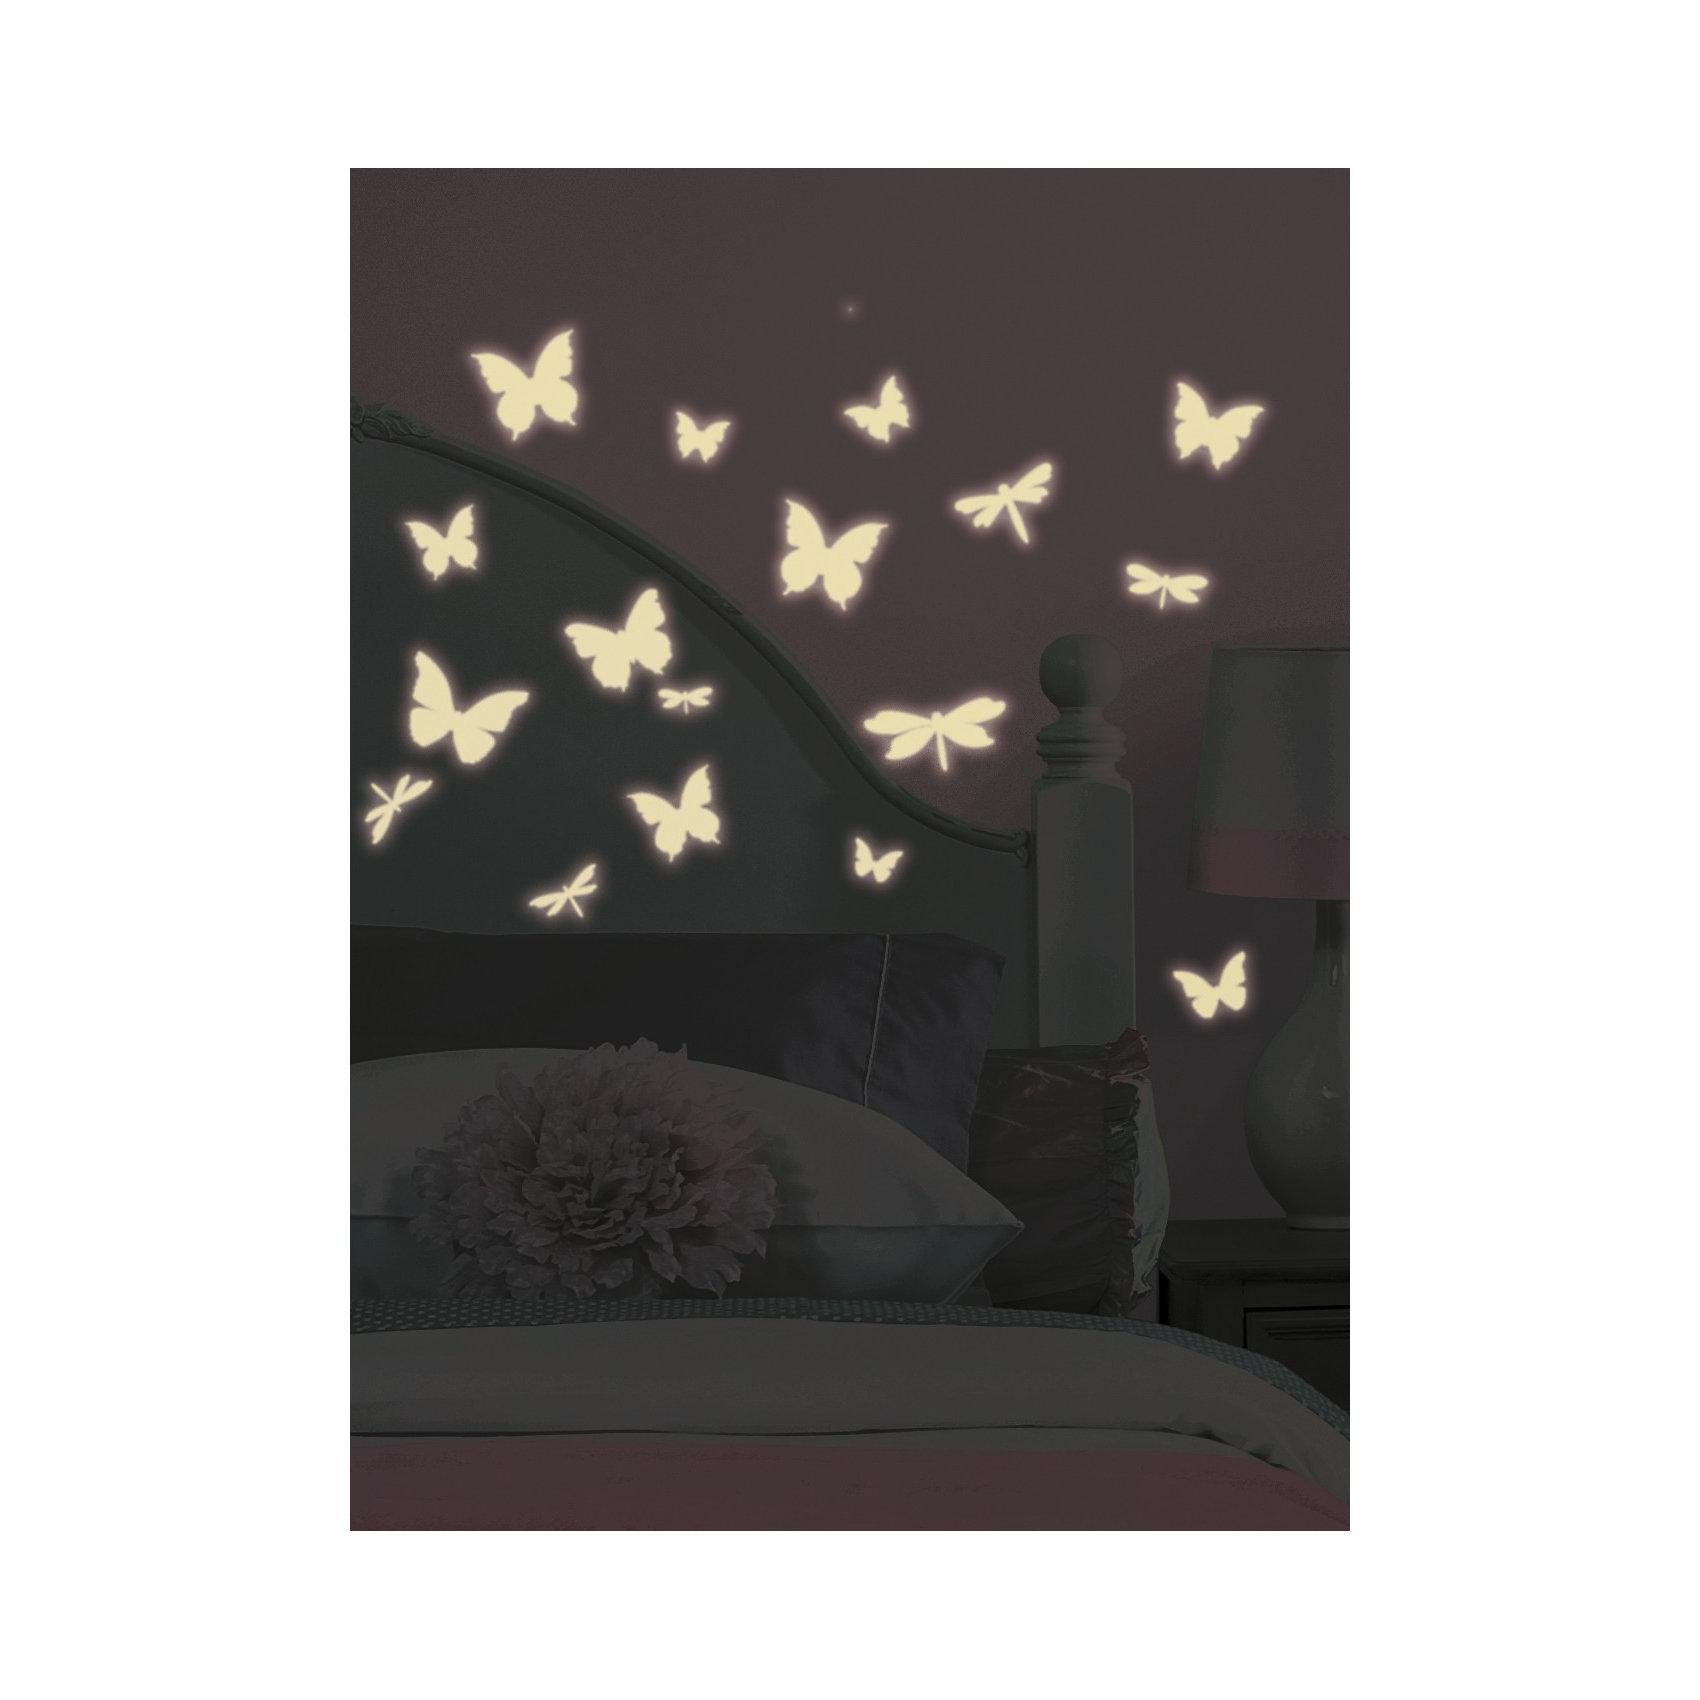 RoomMates Наклейки для декора Бабочки и стрекозы (светятся в темноте)